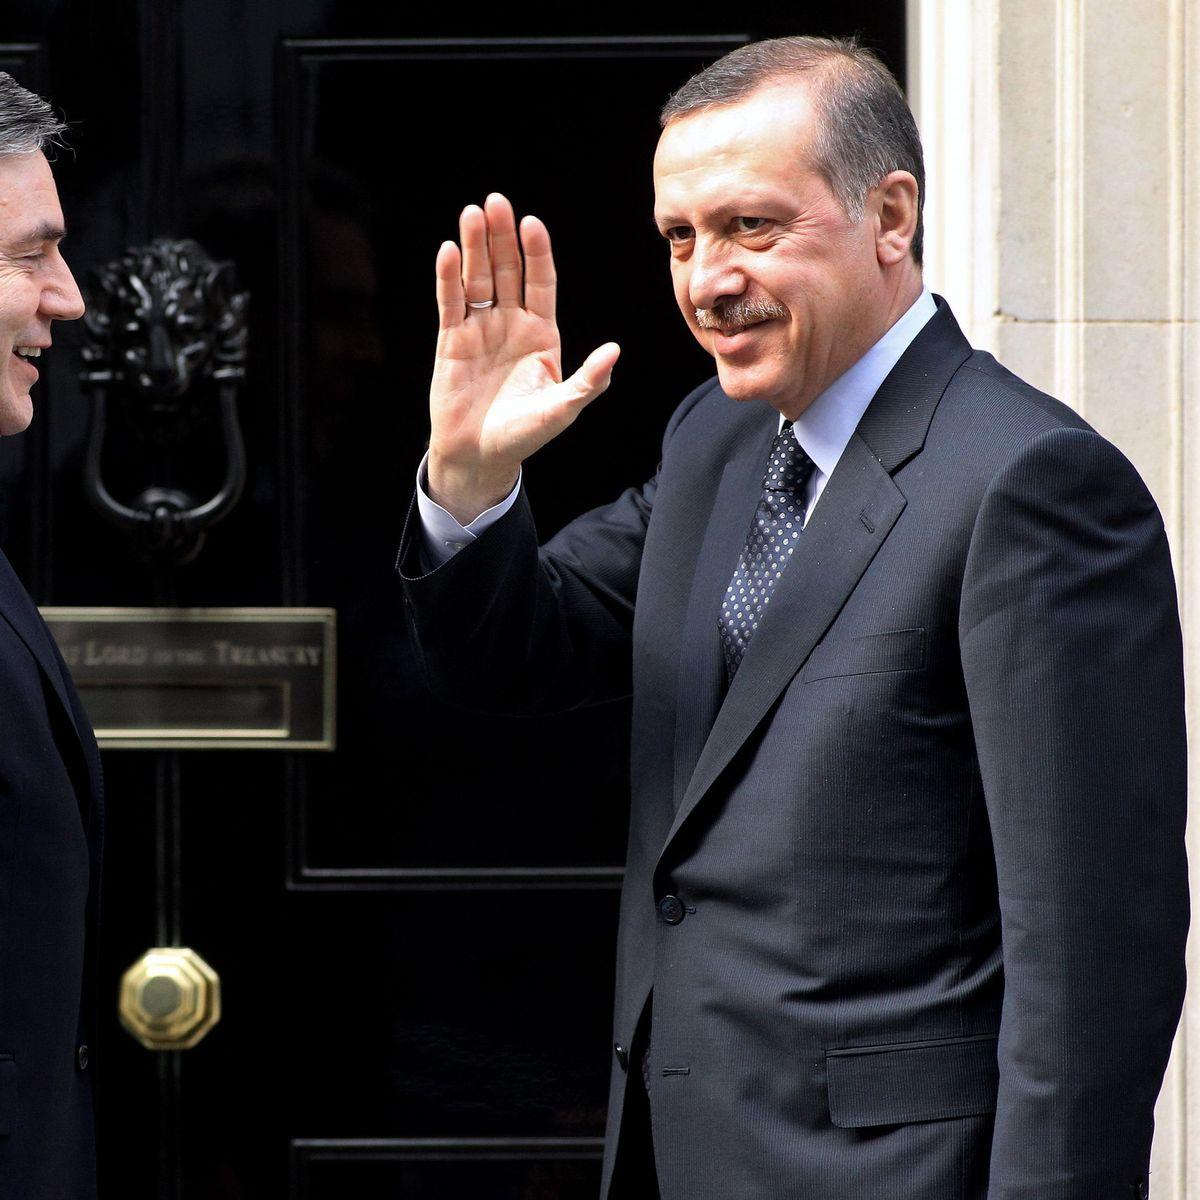 aufregung um treffen in istanbul: erdogan umgarnt deutsch